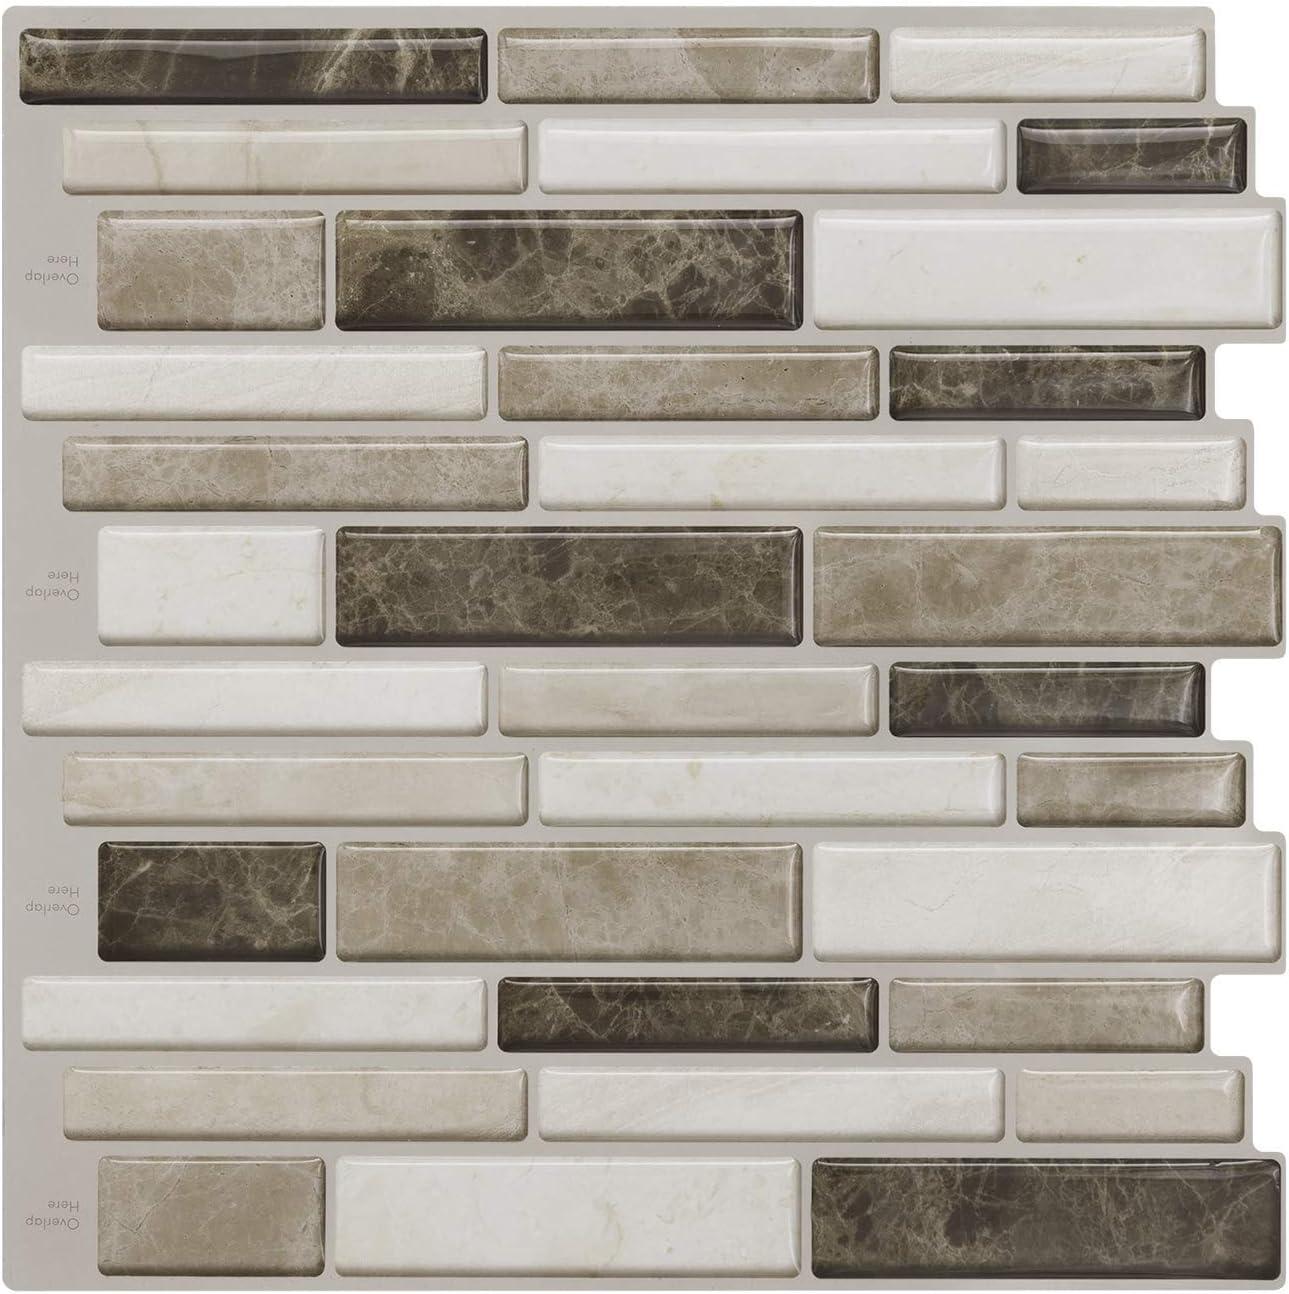 - Peel And Stick Tiles For Kitchen Backsplash-Beige And Brown Tile